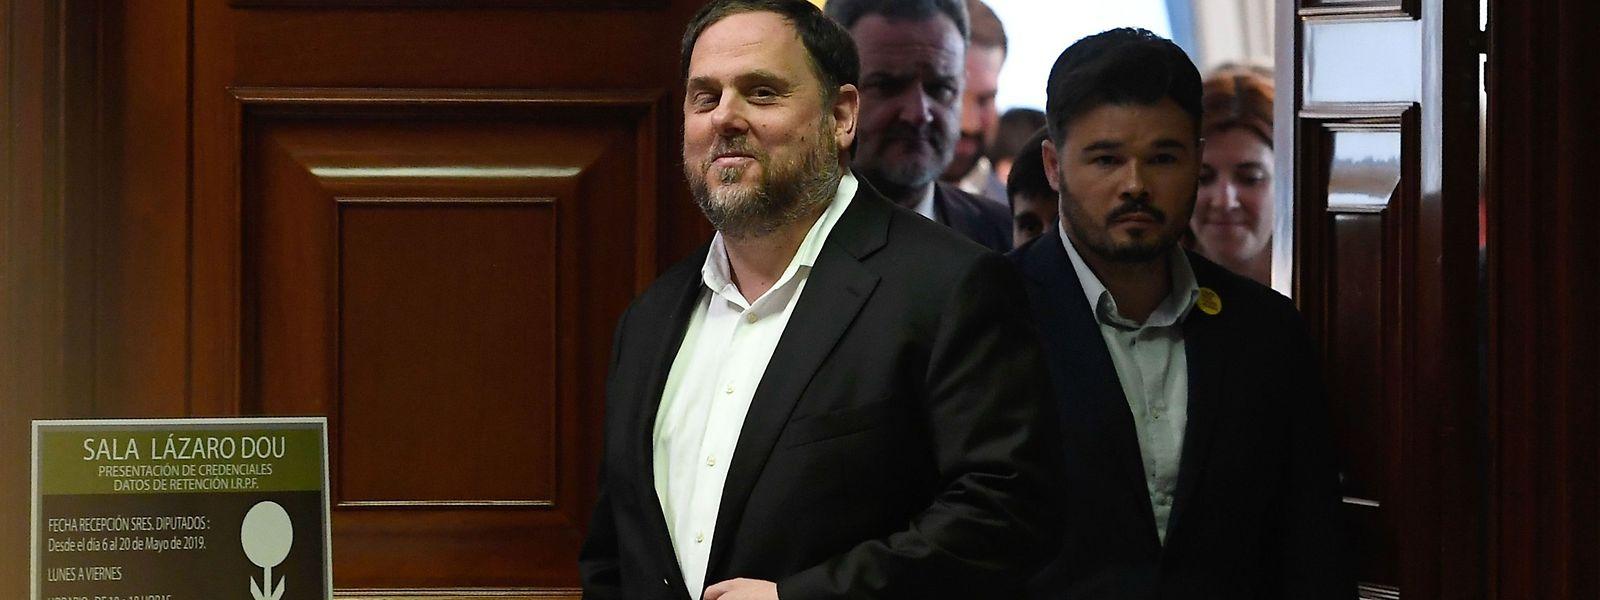 Kataloniens Ex-Vizepräsident Oriol Junqueras, einer der neun Angeklagten, beim Verlassen des Gerichtssaals.